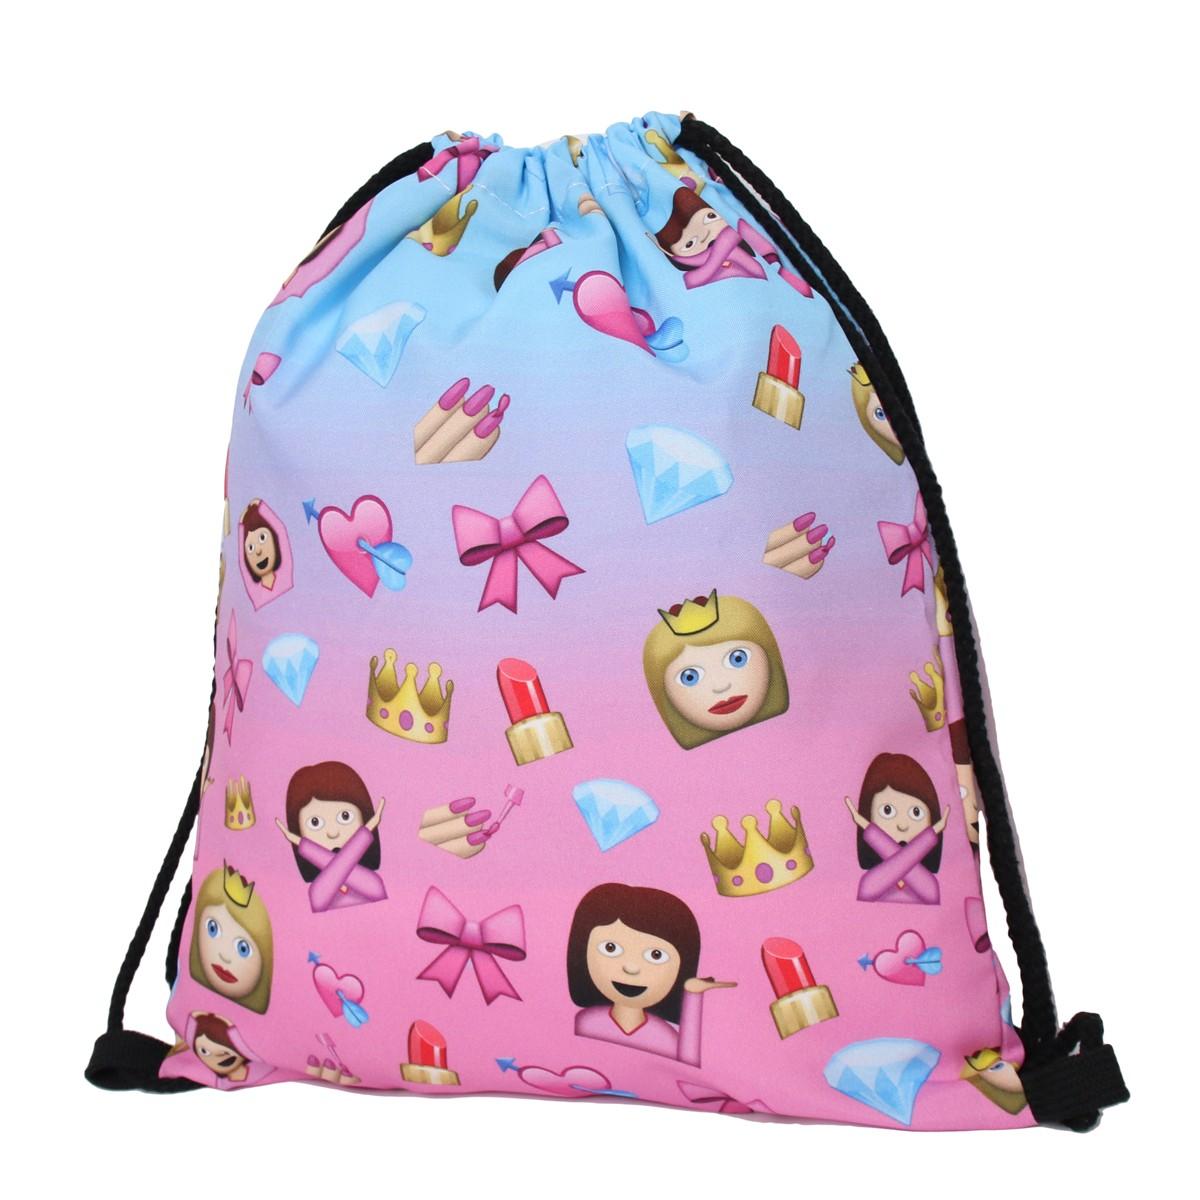 Купить сумку-мешок для сменной обуви Girls